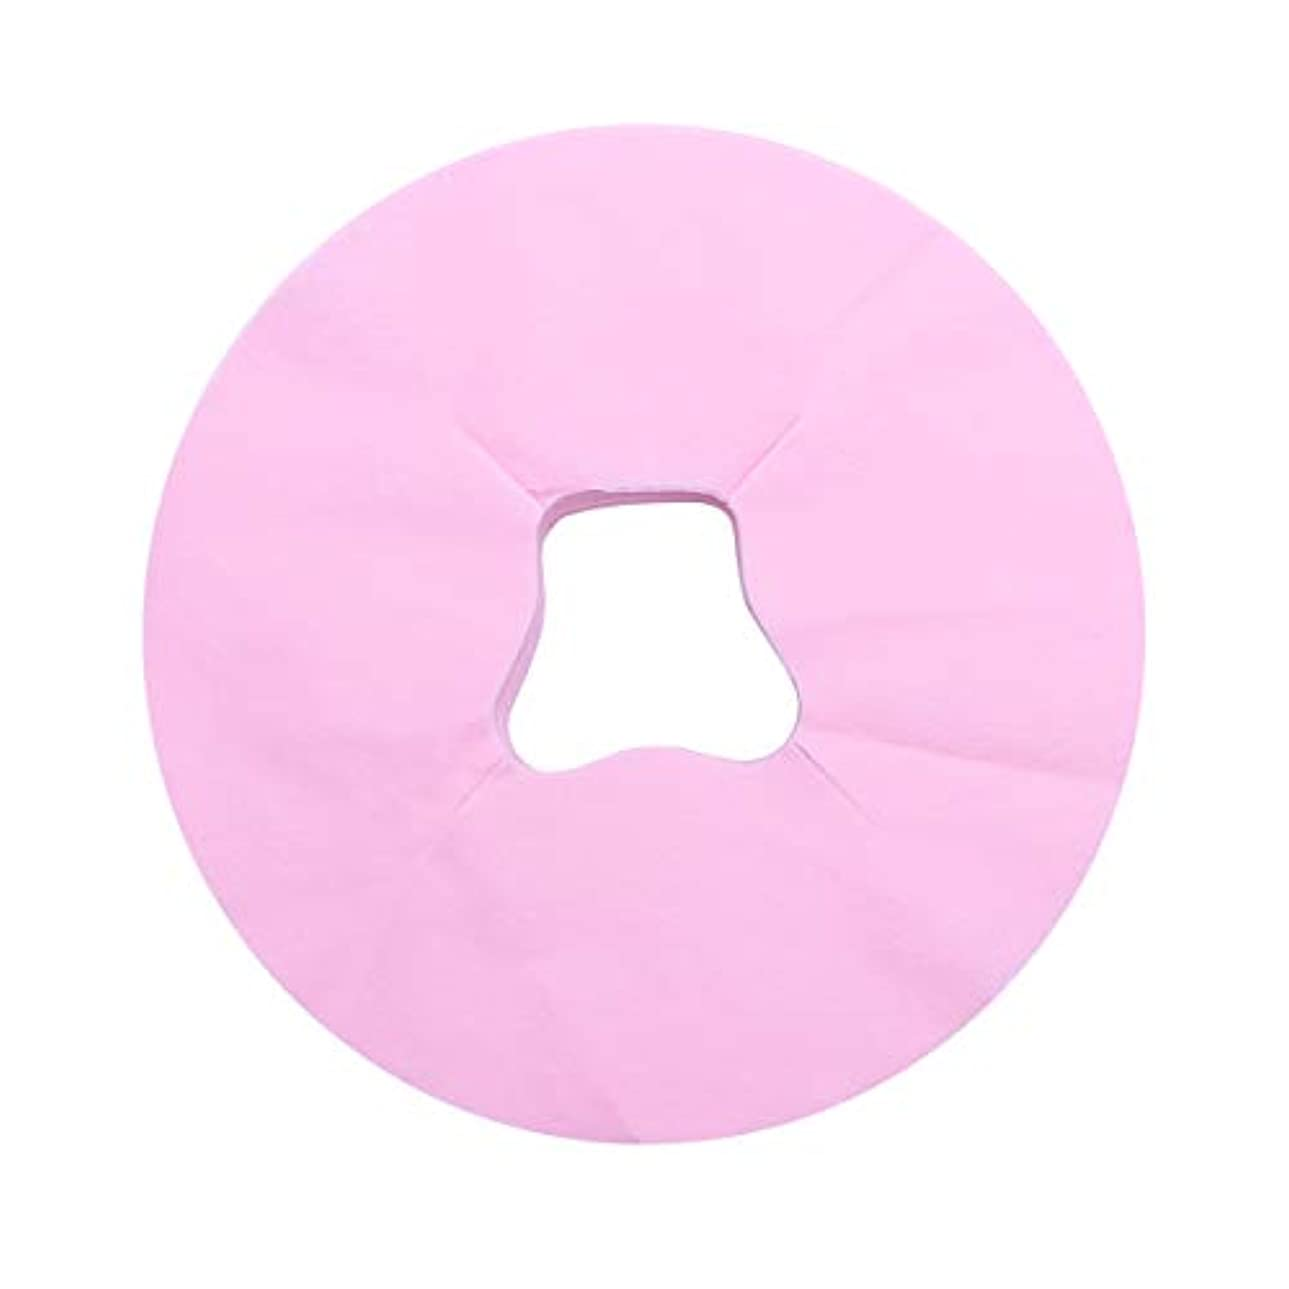 試み組立成長Healifty 100ピース使い捨てフェイスマッサージカバーパッドフェイスホールピロークッションマットサロンスパフェイシャルベッドヘッドレスト枕シート(ピンク)